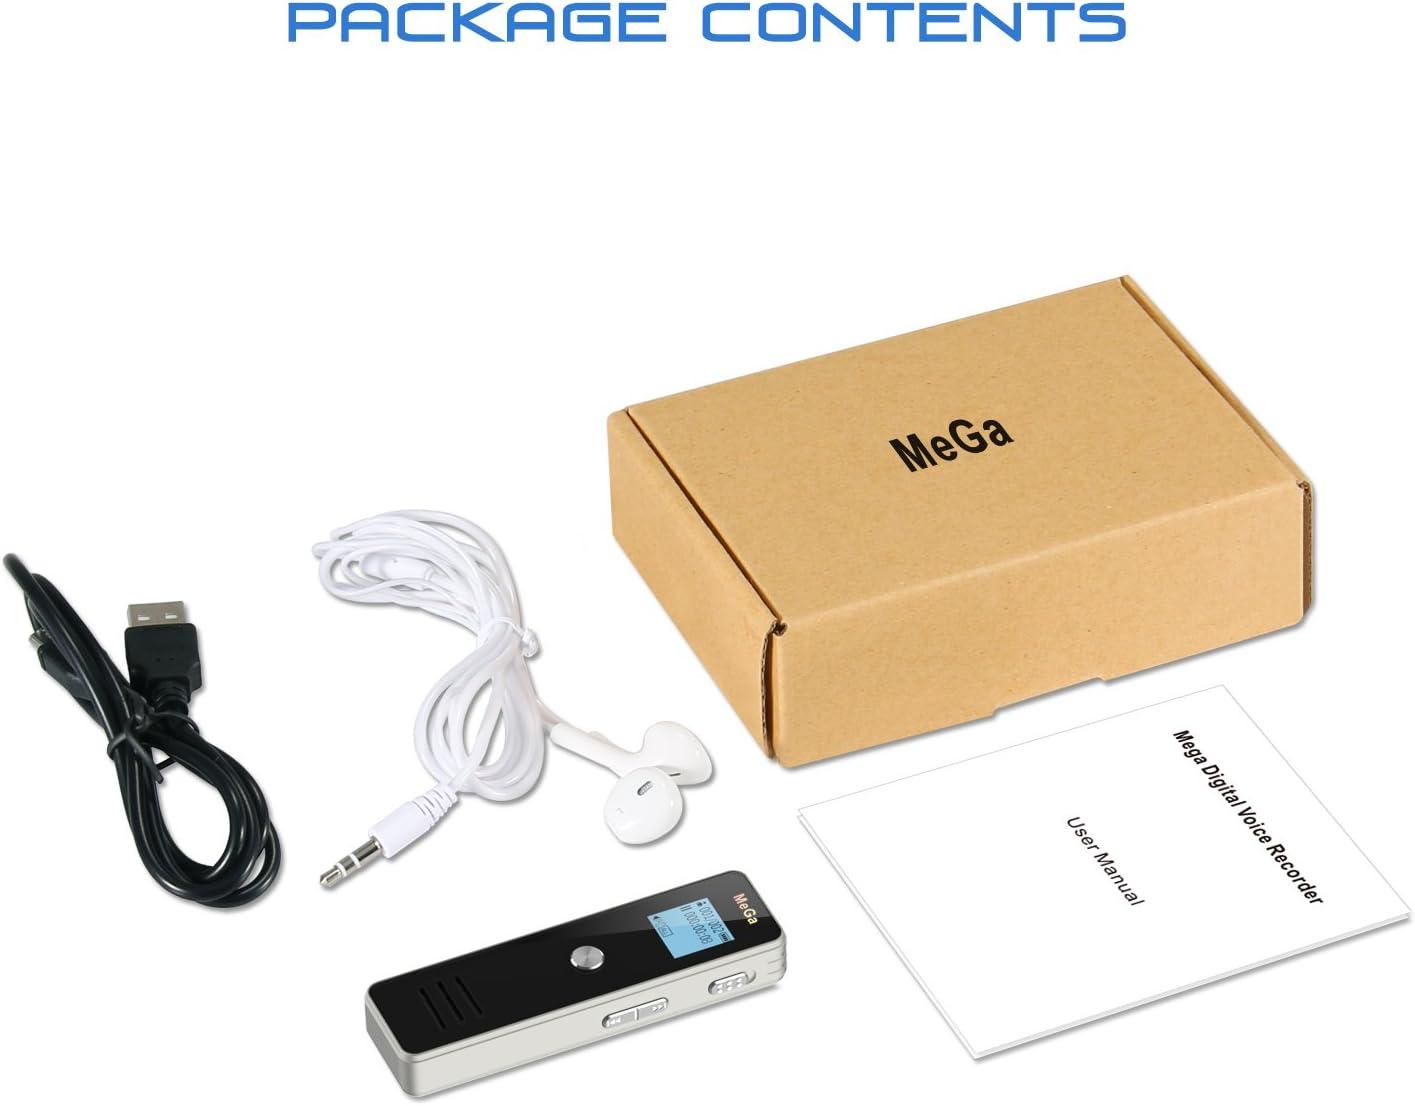 MeGa 8GB Digital Audio Sound Recorder Dictaphone Digital Voice ...